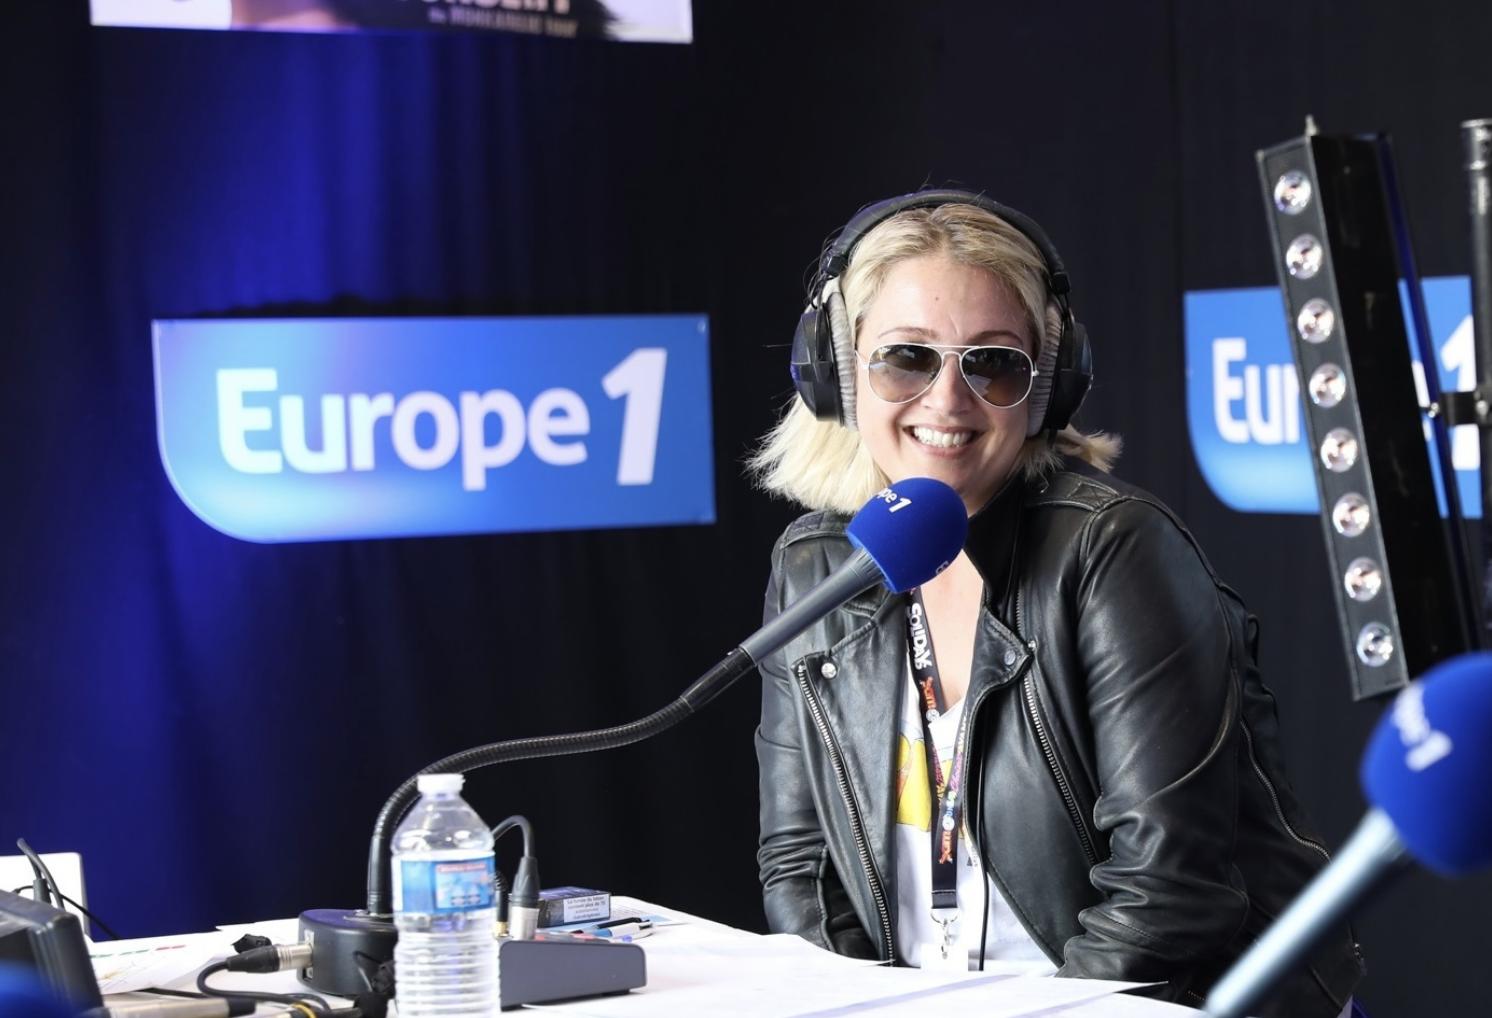 """Émilie Mazoyer présente """"Musique !"""", du lundi au vendredi de 20h à 22h sur Europe 1 © Marie Etchegoyen / Capa Pictures – Europe 1"""